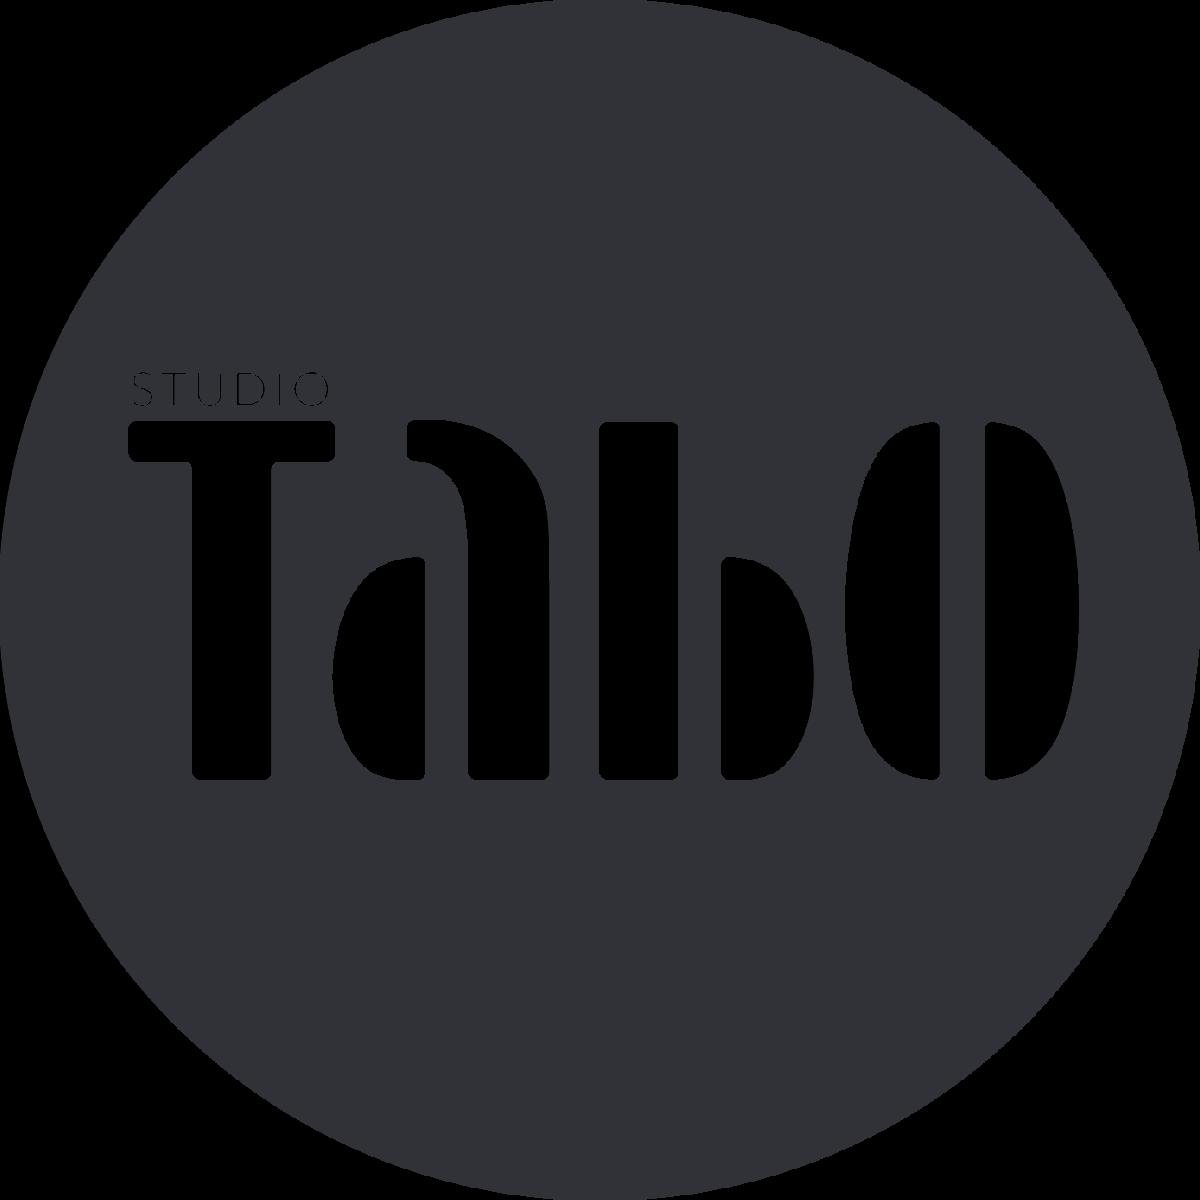 Studio Tabo